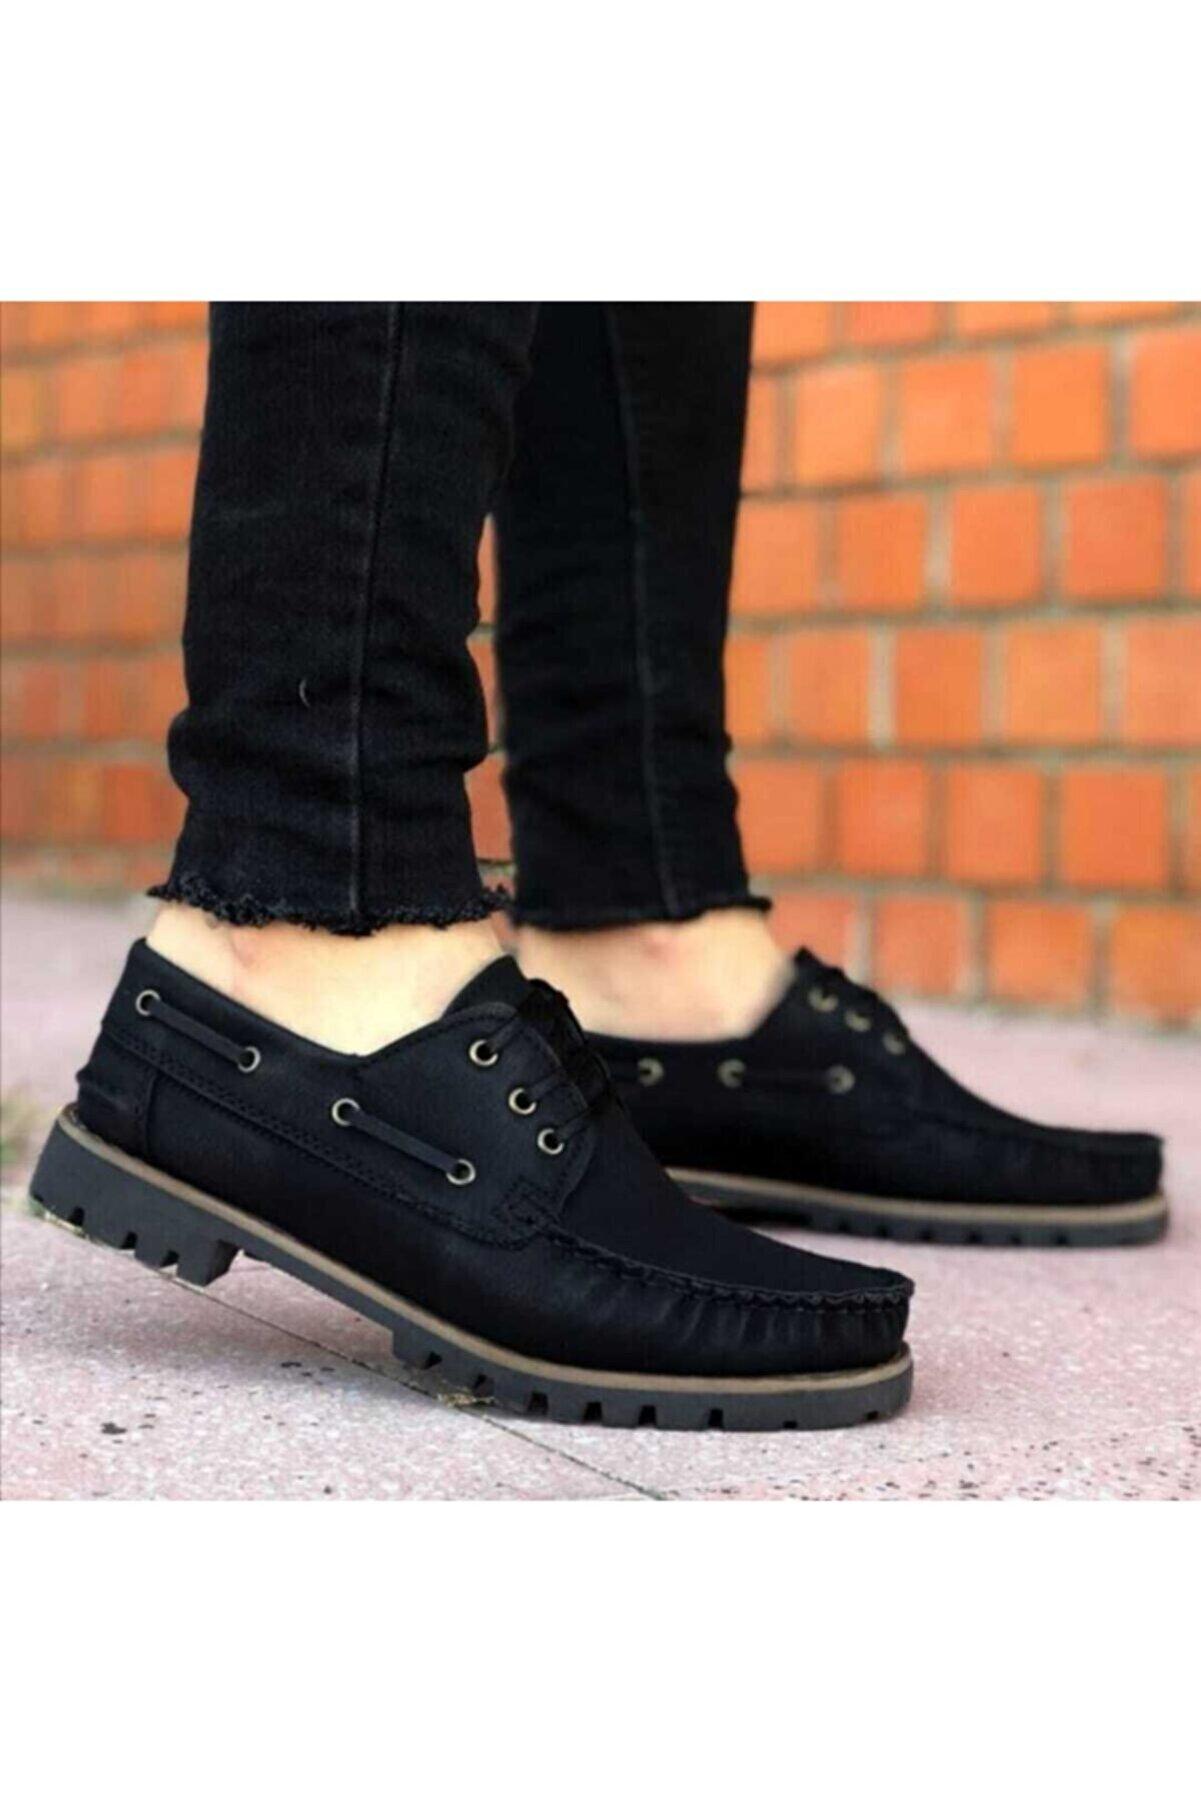 Zegeshoes Erkek Siyah Bağcıklı Klasik Ayakkabı